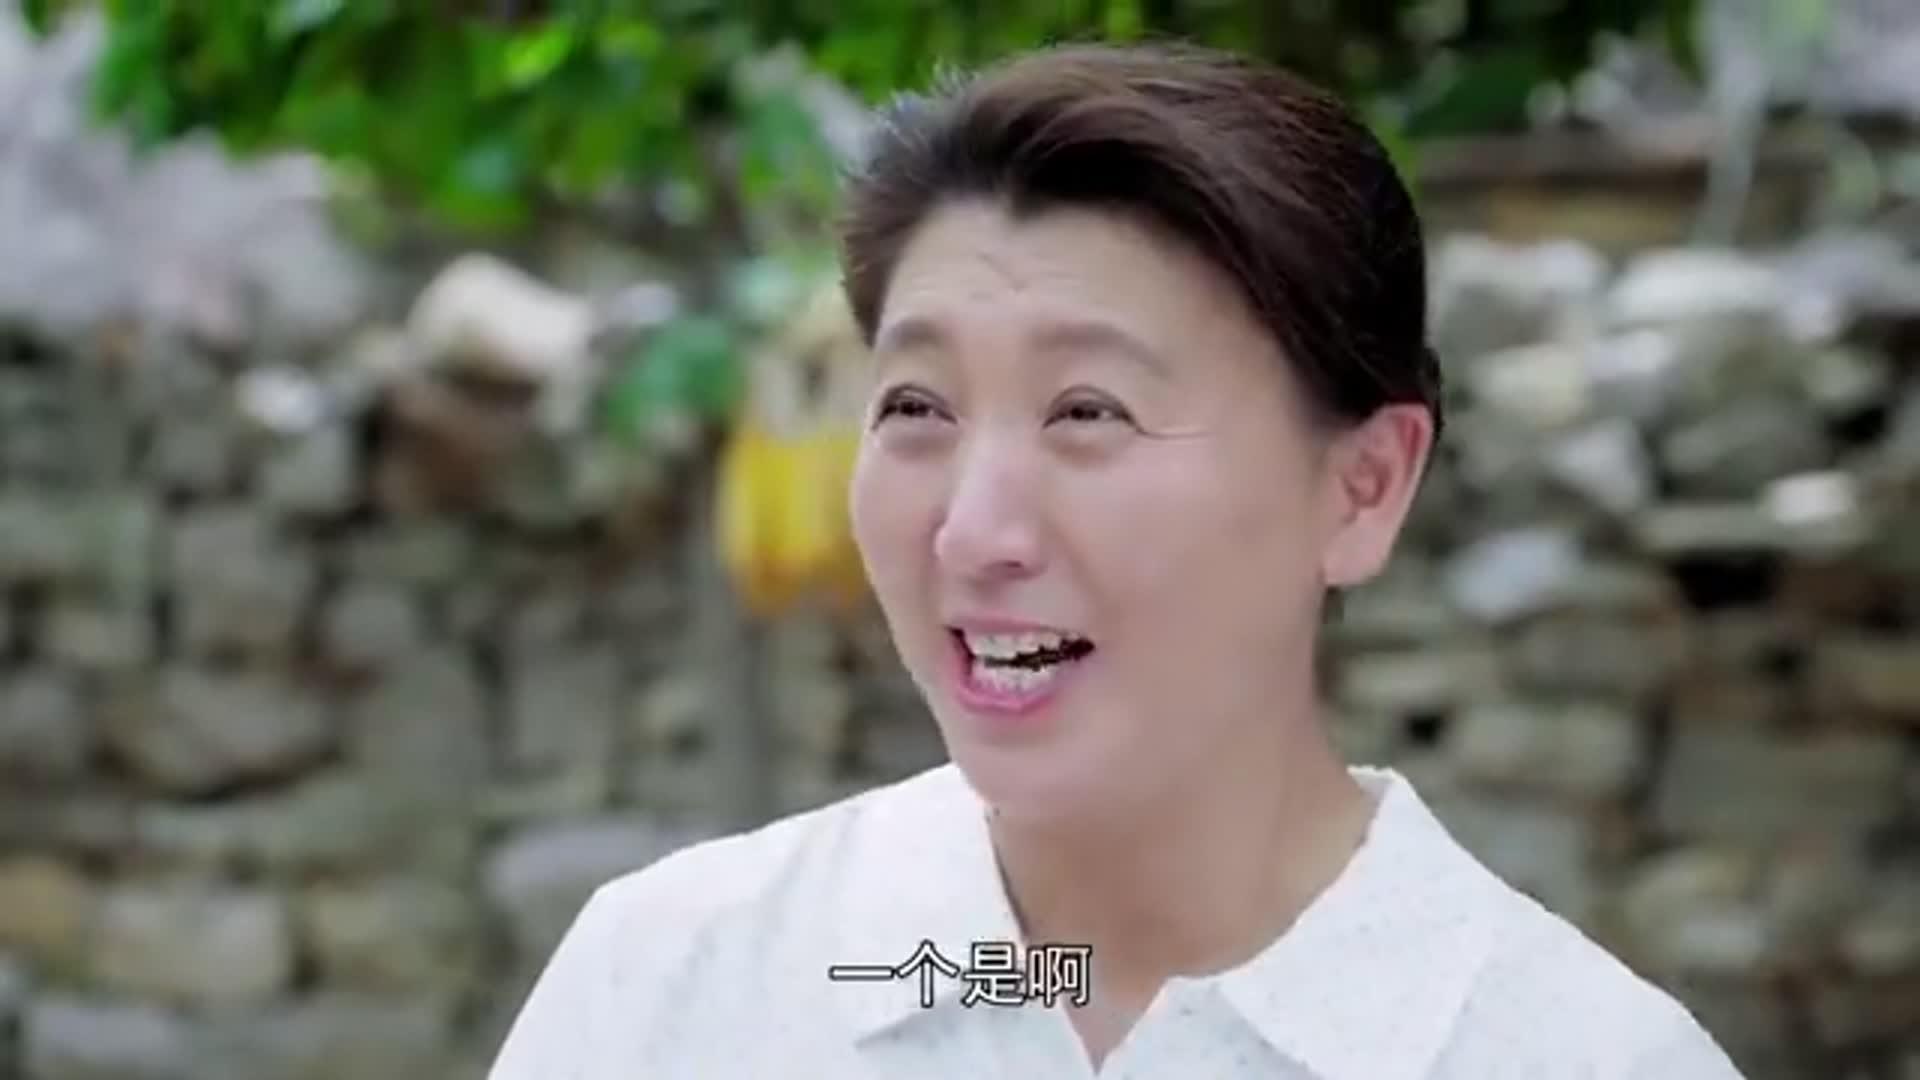 兰桐花开:麦子毕业回村,准备在北京多学习,等有经验后再回村